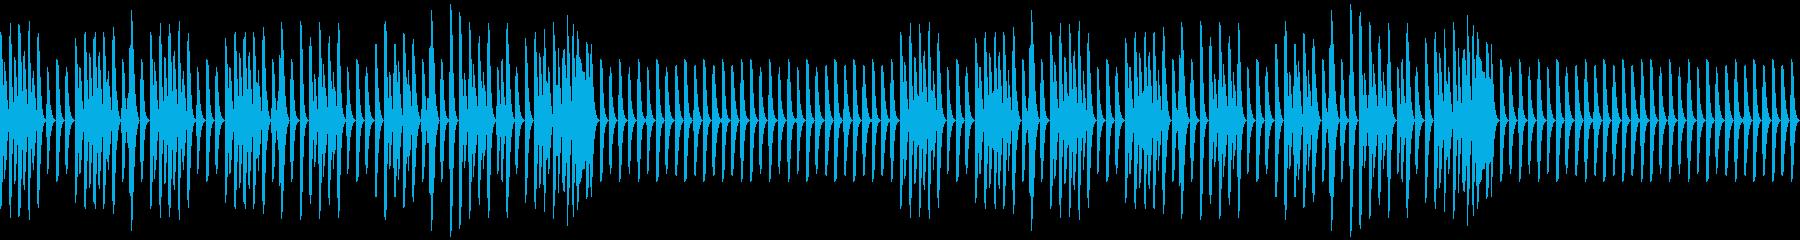 計算・学習・子供・アプリ・ループ・ピアノの再生済みの波形